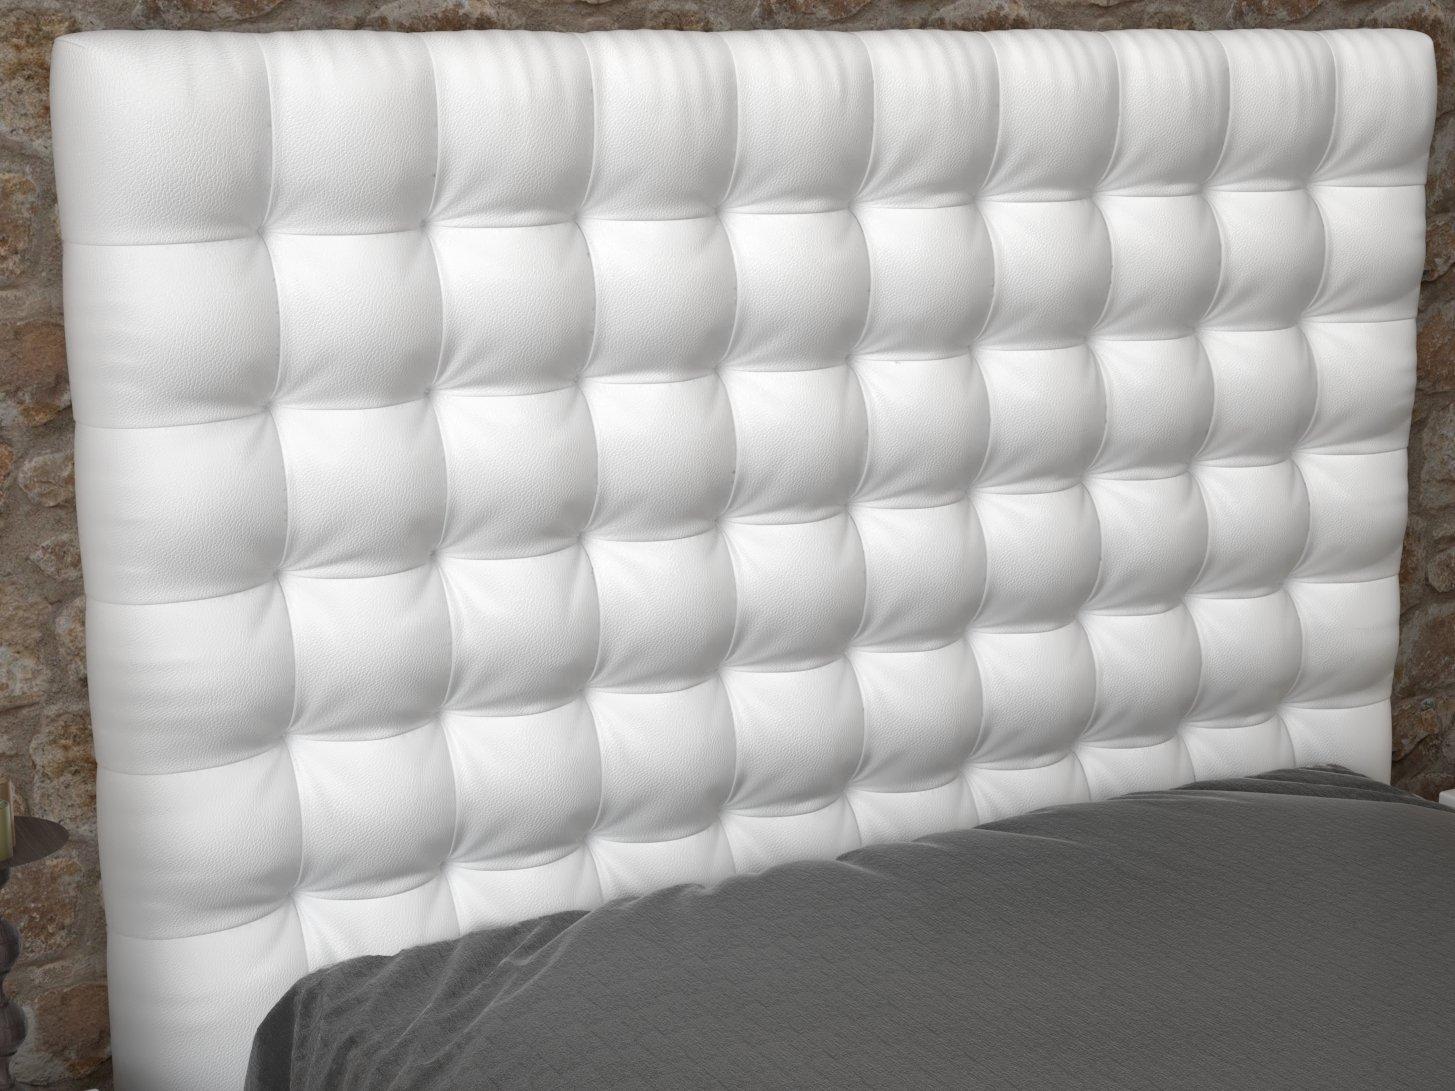 LA WEB DEL COLCHON - Cabecero Manhattan (Cama 80) 90 x 70 cms. 00 - Blanco: Amazon.es: Hogar